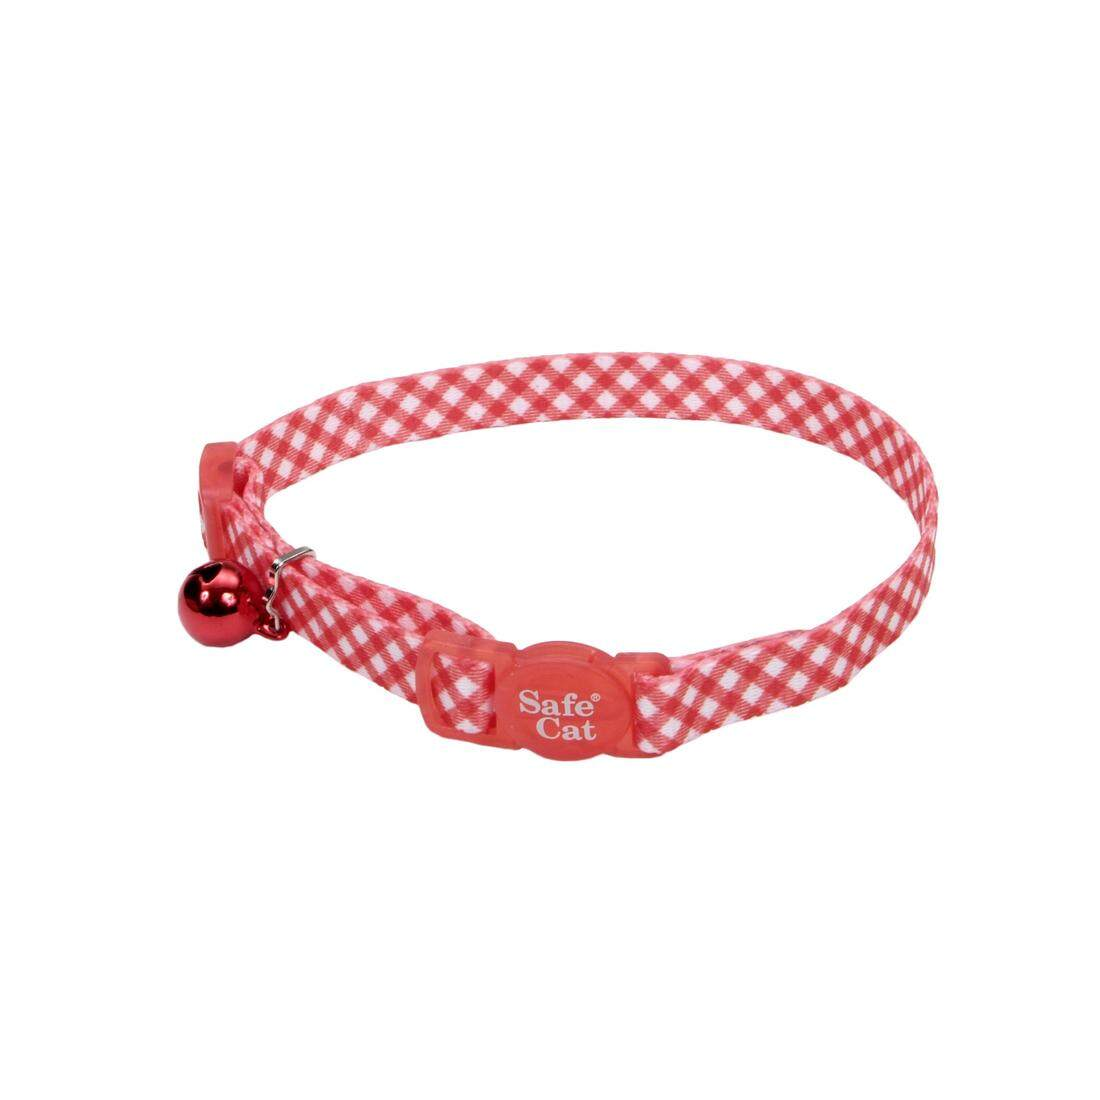 [Coastal] Safe Cat Fashion Adjustable Breakaway Collar - Polka Dot Pink